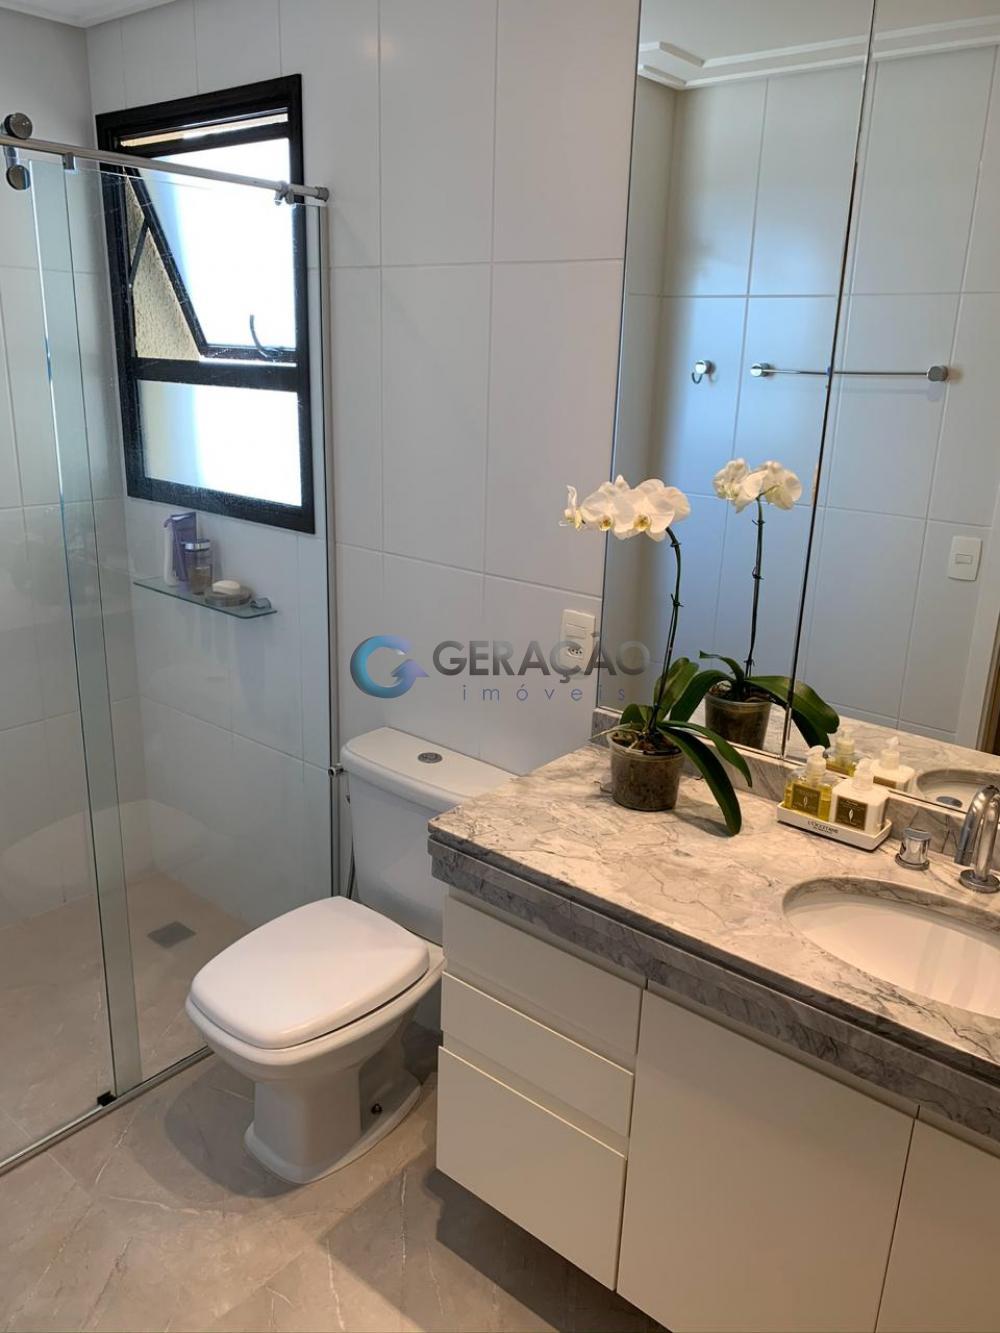 Comprar Apartamento / Padrão em São José dos Campos apenas R$ 950.000,00 - Foto 20